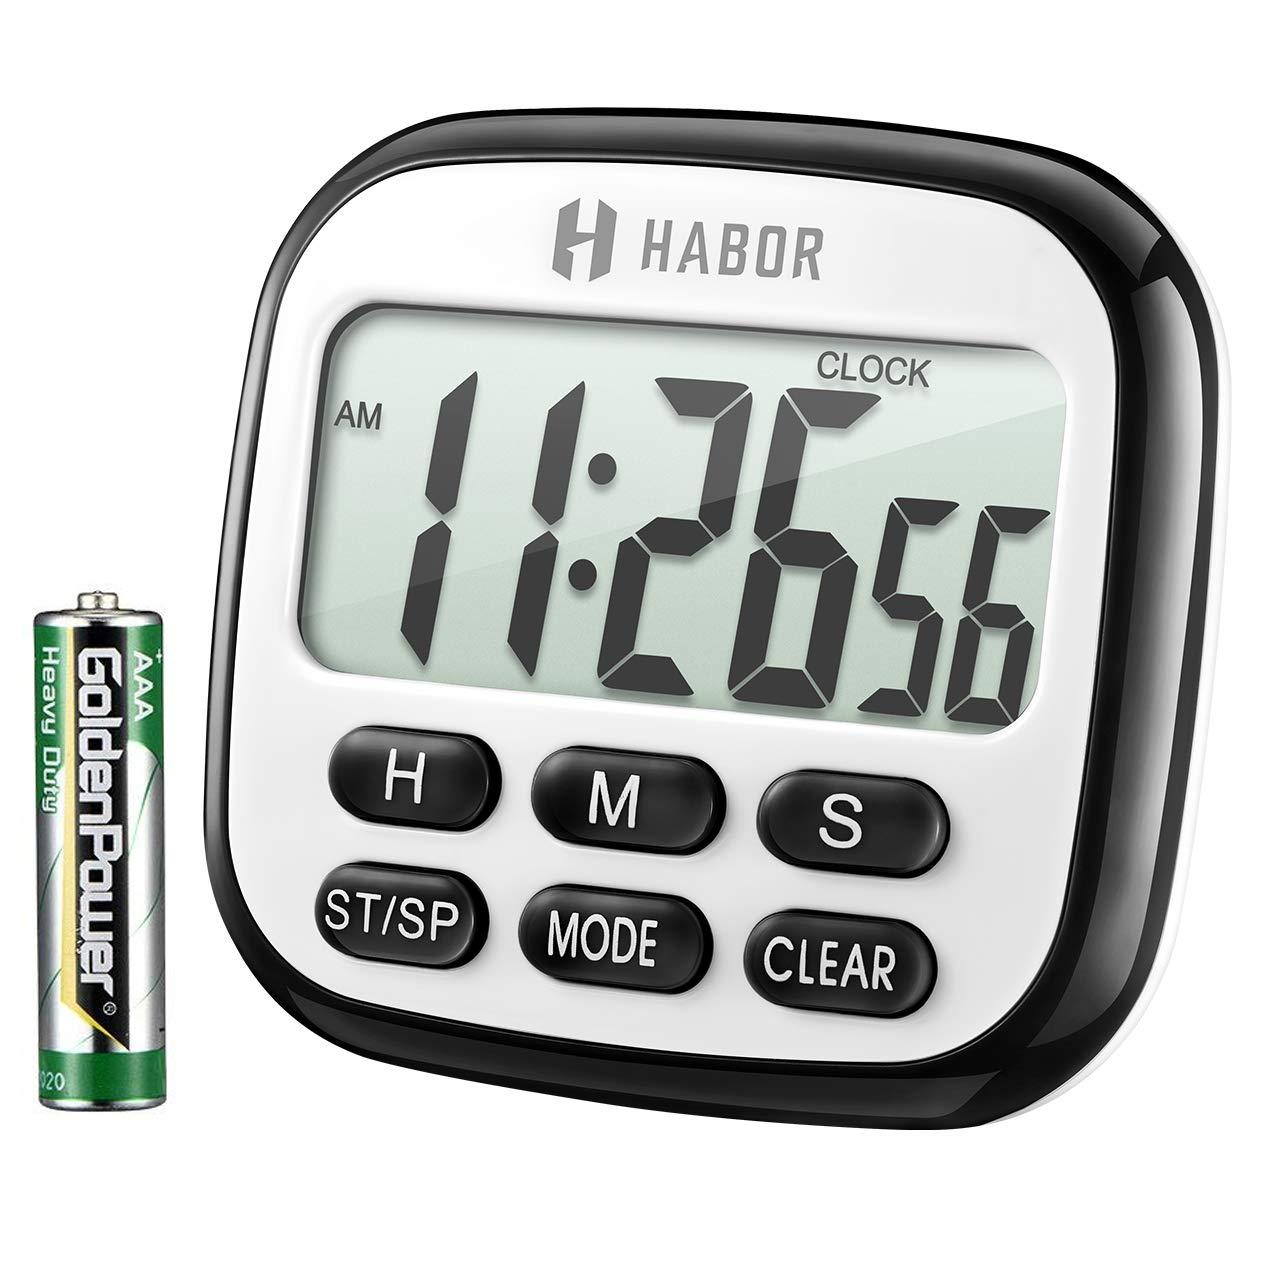 Habor Digital Kitchen Timer, Cooking Timer, Large Display